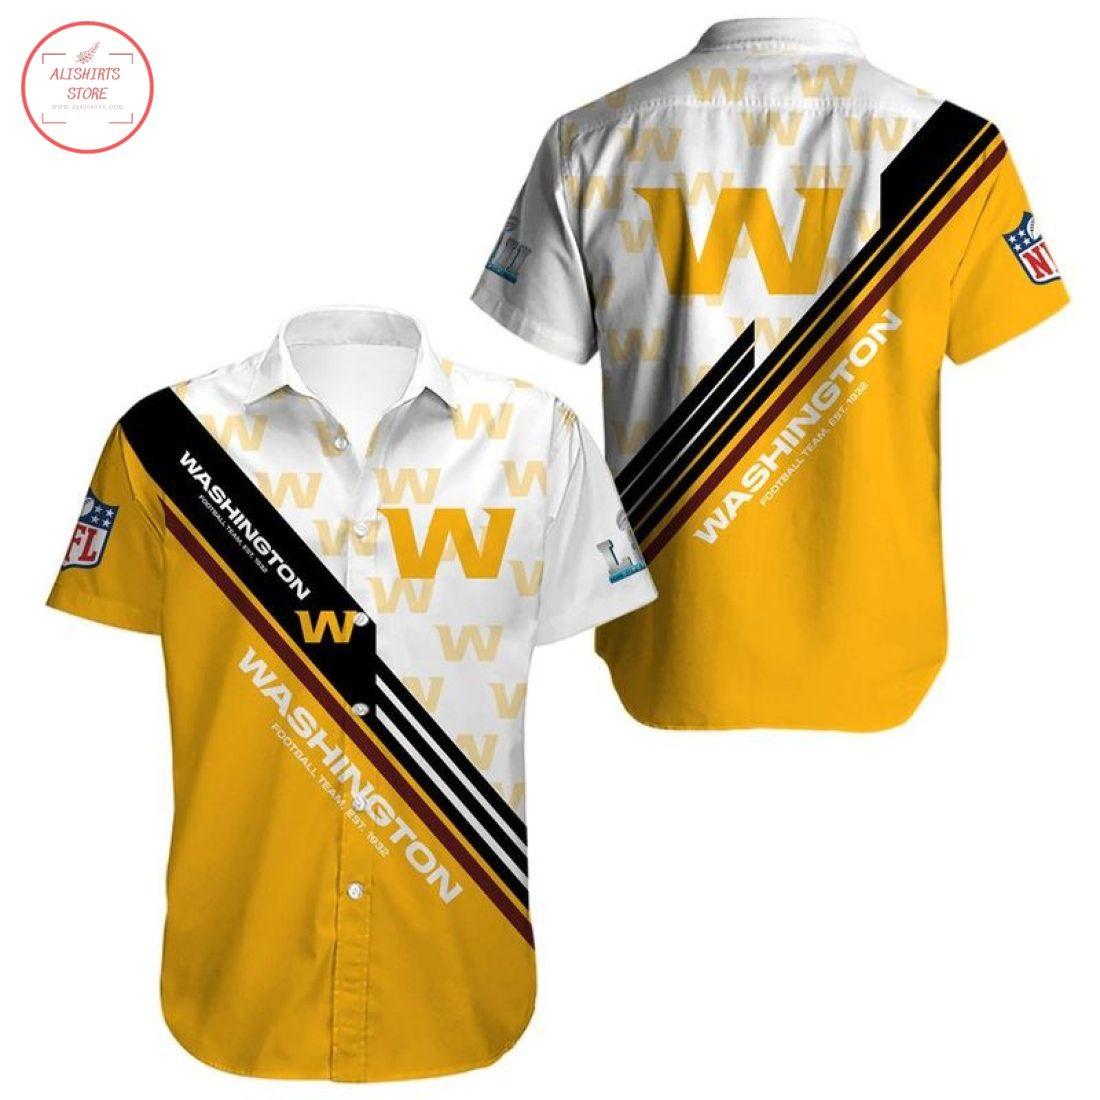 Nfl Washington Football Team Hawaiian shirt